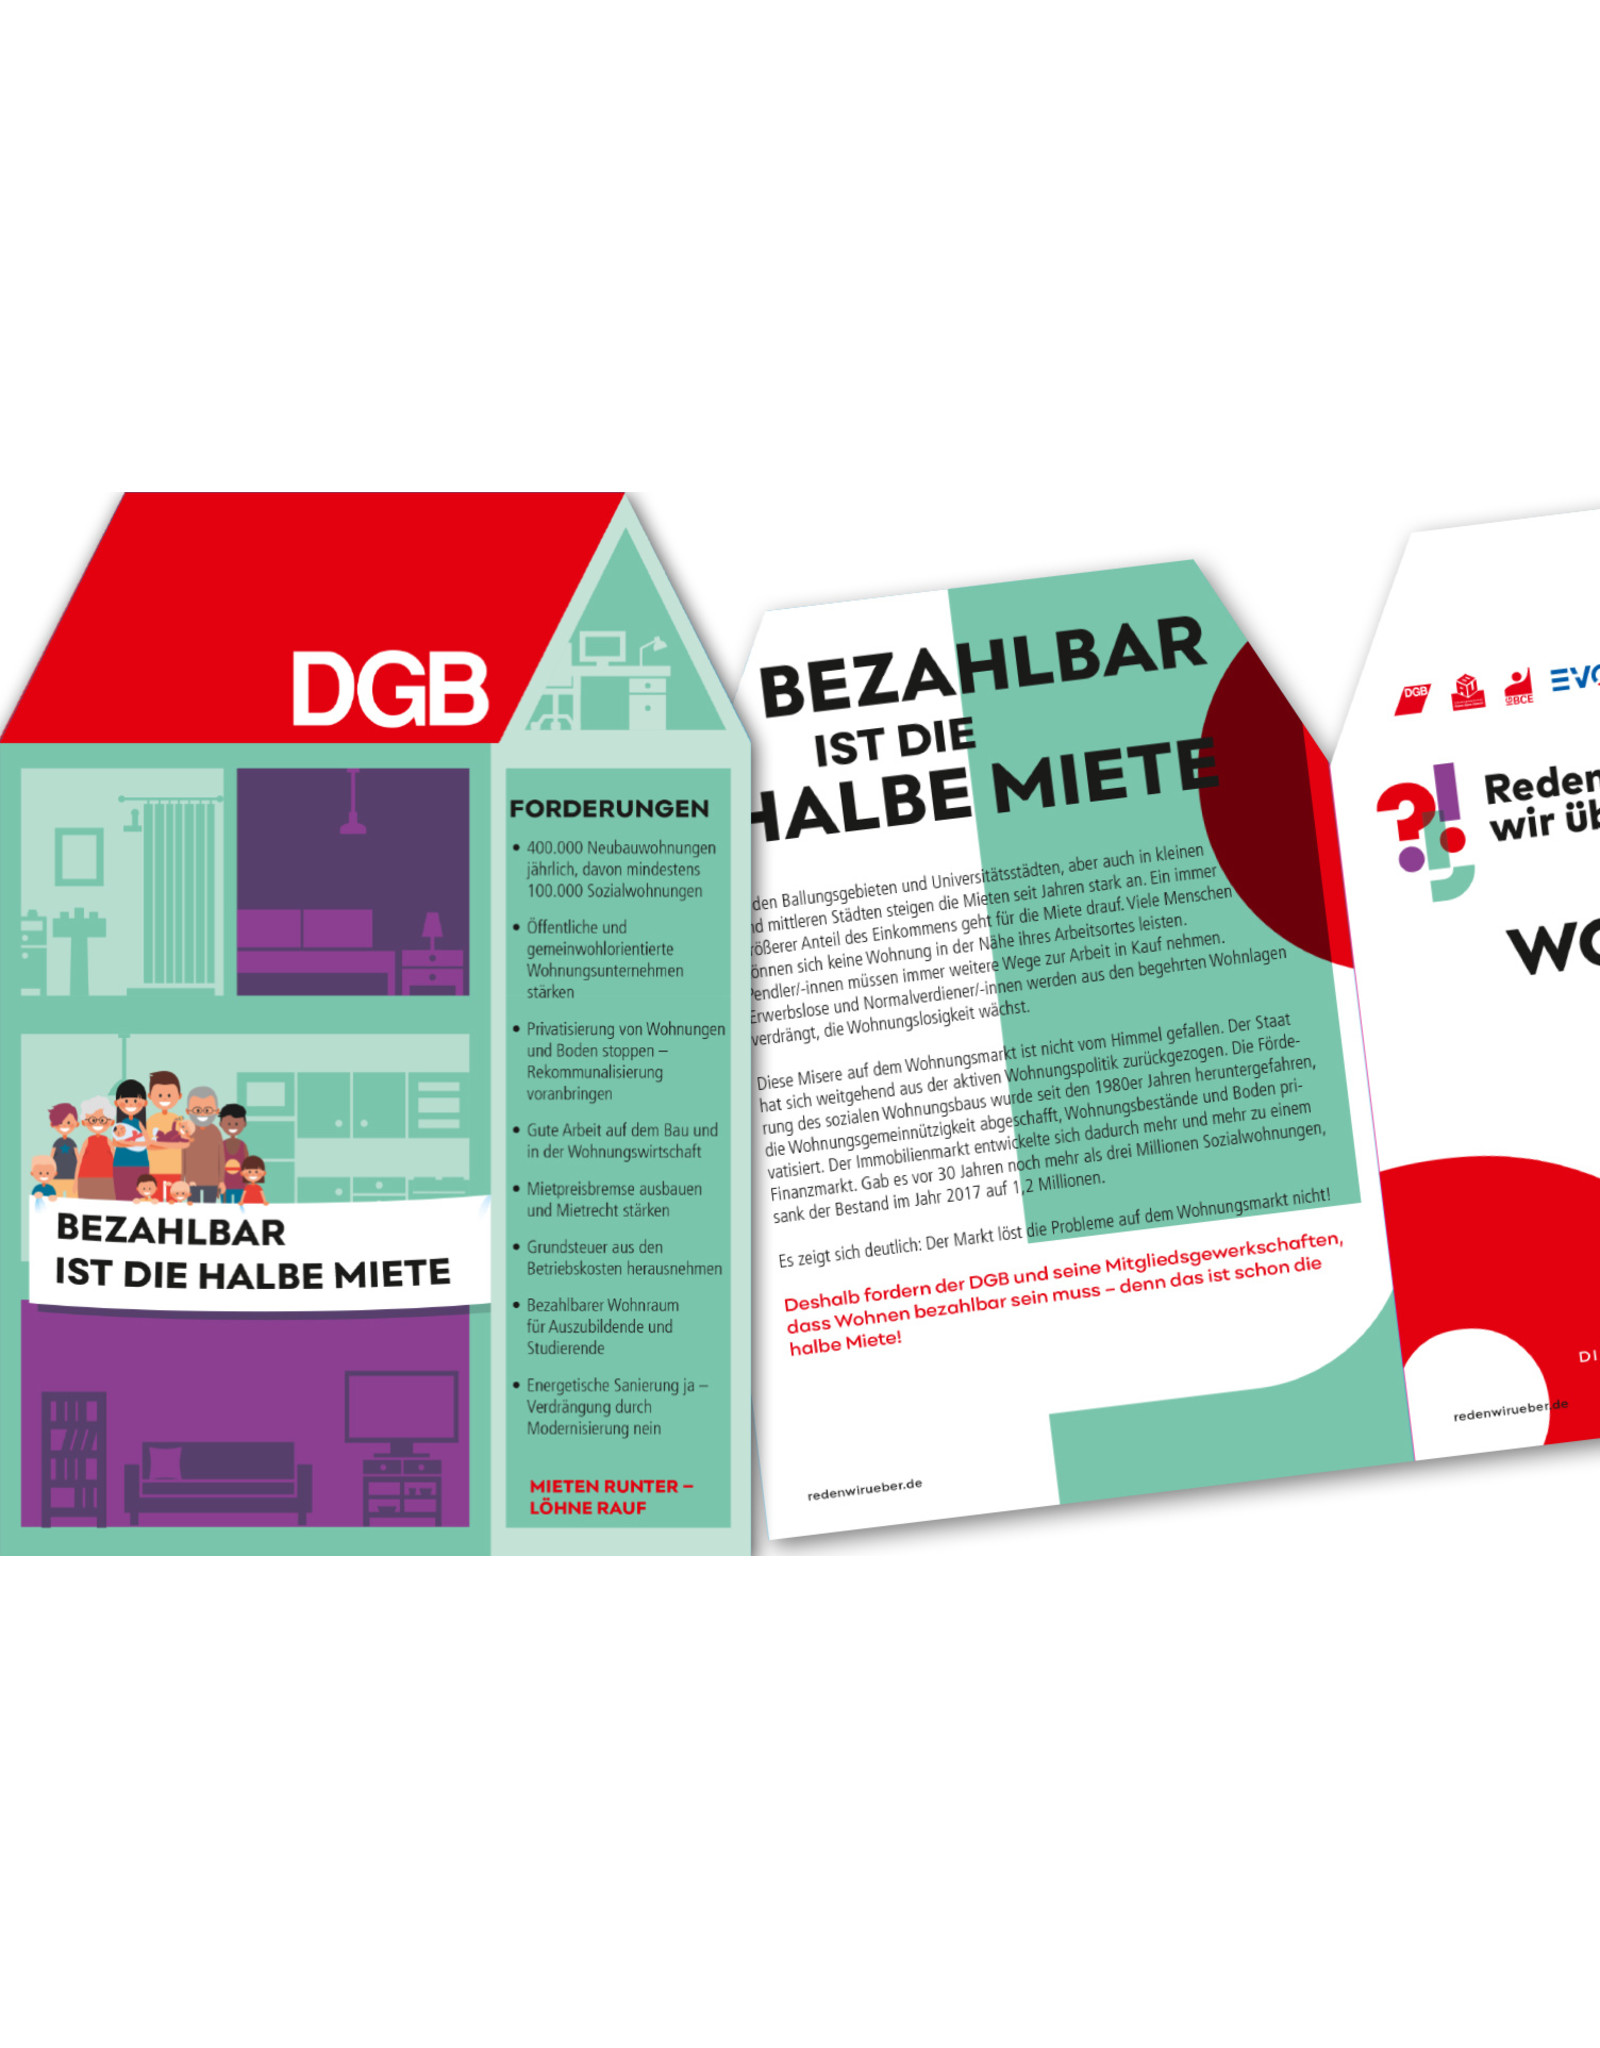 DGB / Zukunftsdialog Flyer Bezahlbar ist die halbe Miete